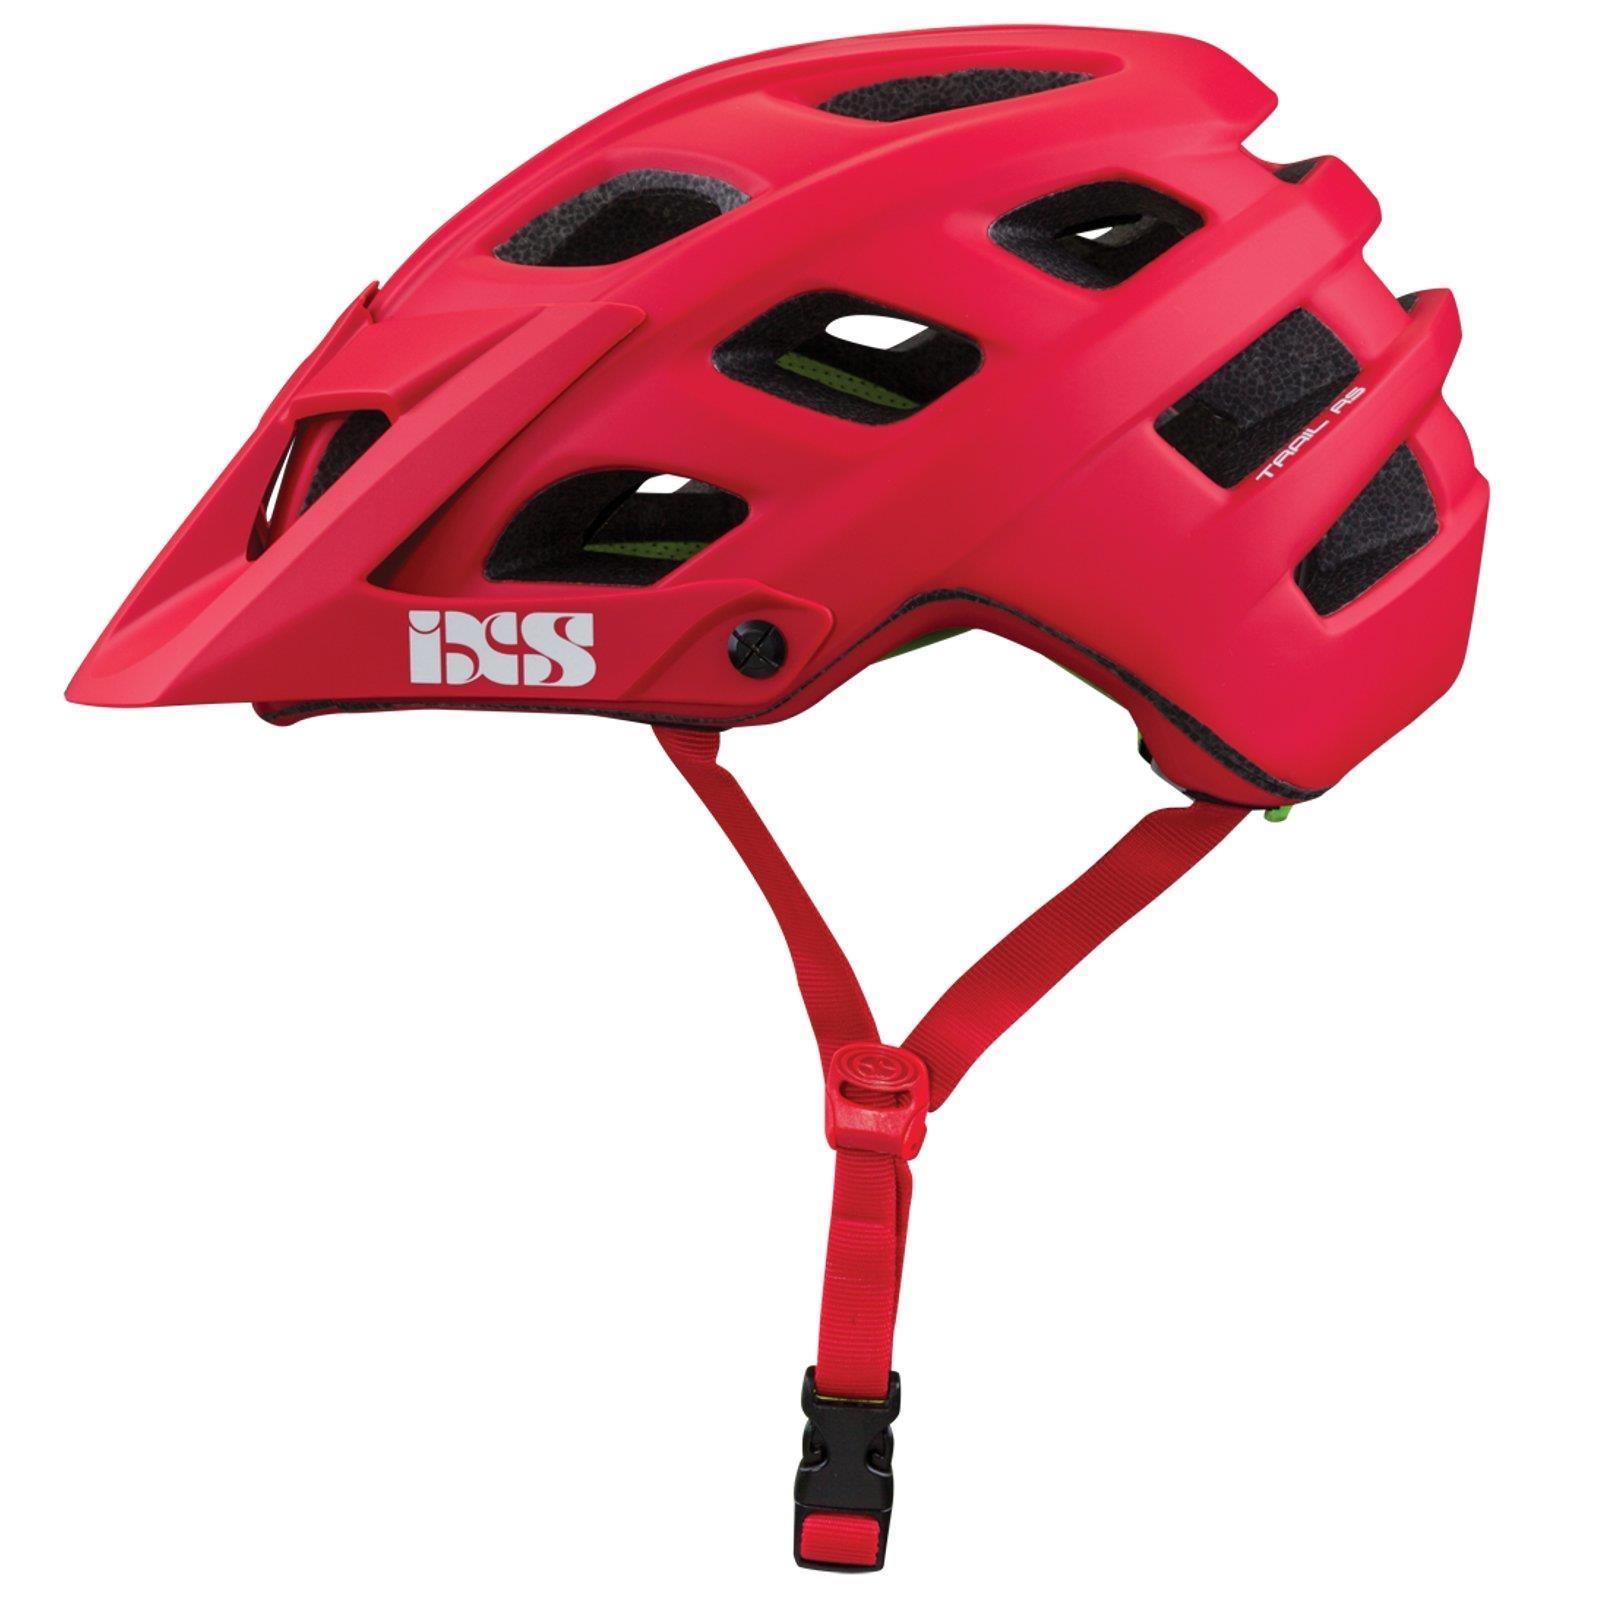 IXS Trail RS BICICLETTA CASCO ALL MOUNTAIN BIKE MTB MTB BIKE ENDURO DH INMOLD il TRAIL Tour 26d0ed